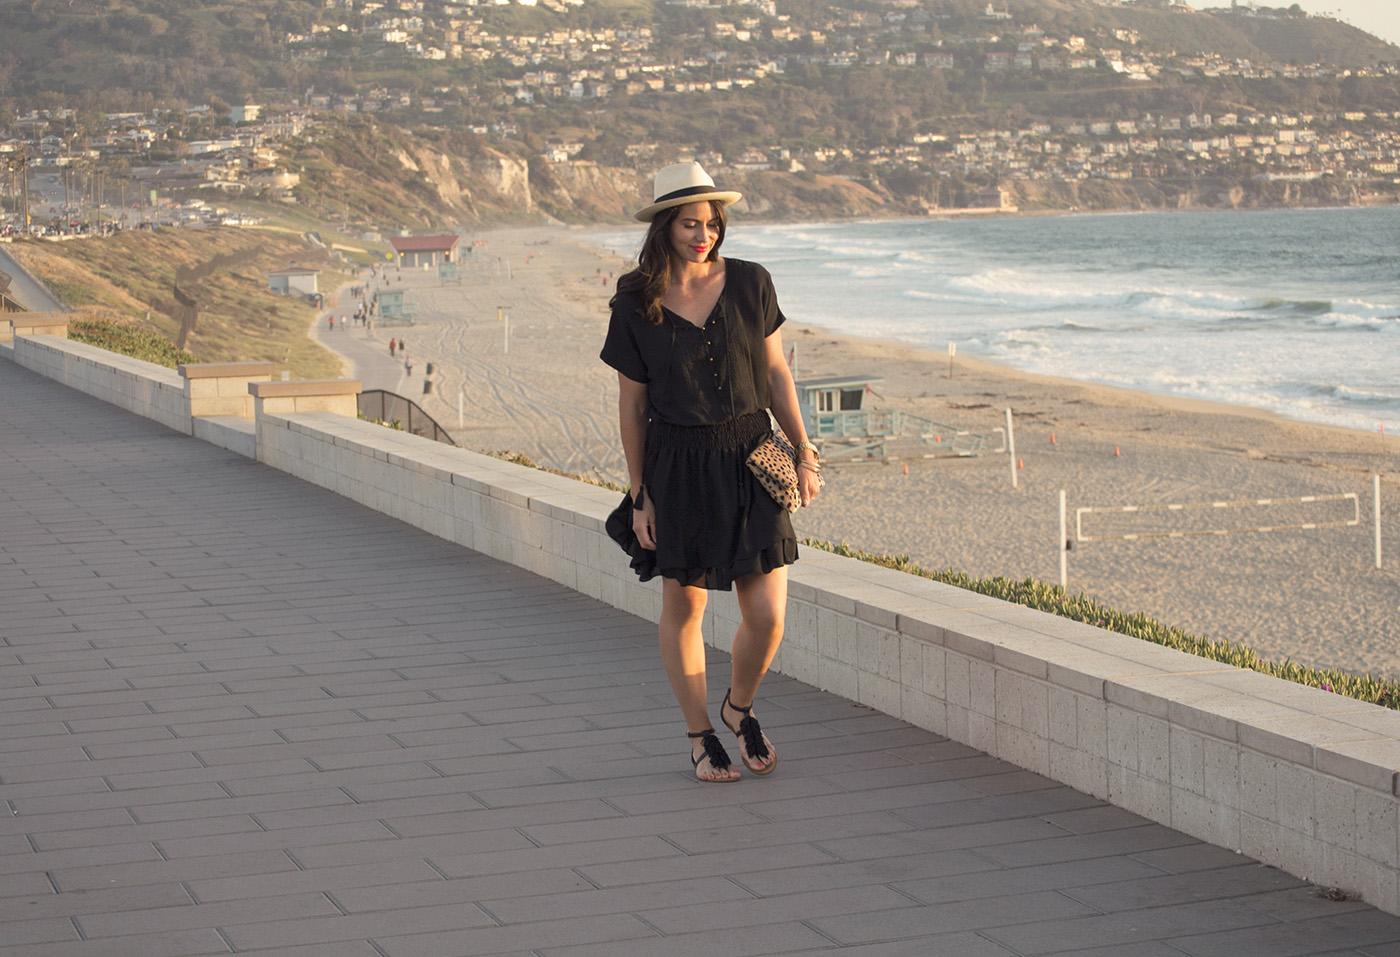 Black Dress Beach 7.jpg